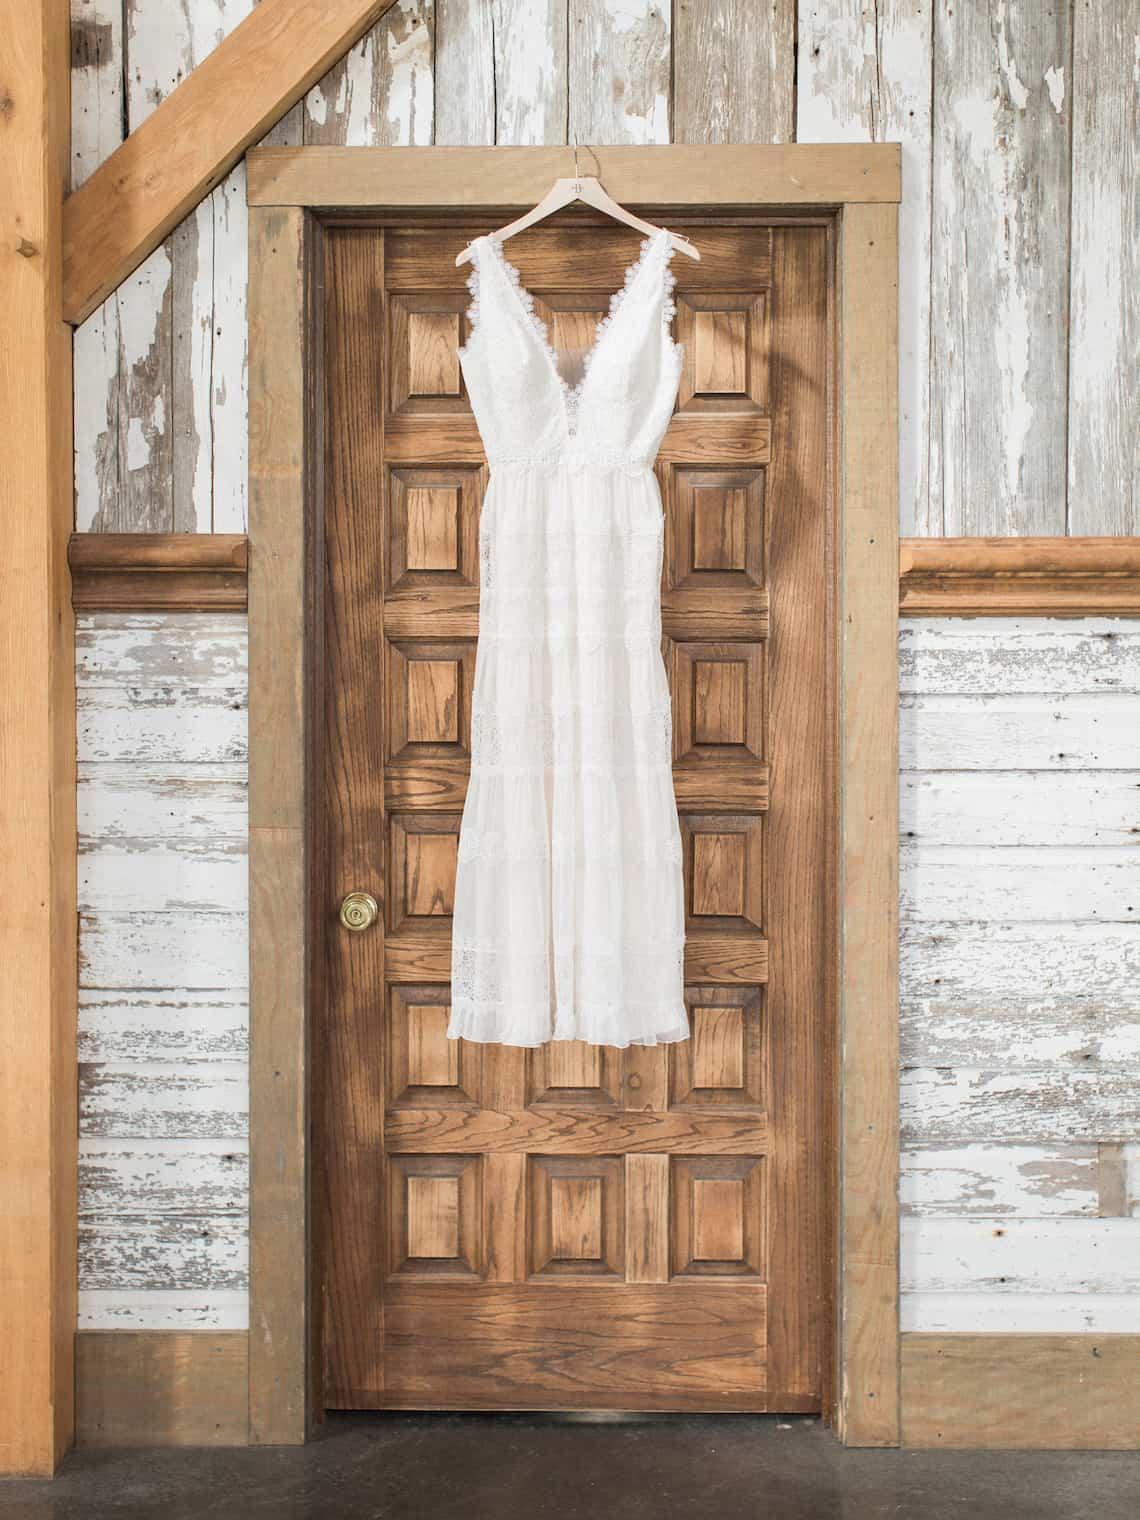 Wedding Dress Hanging in Door